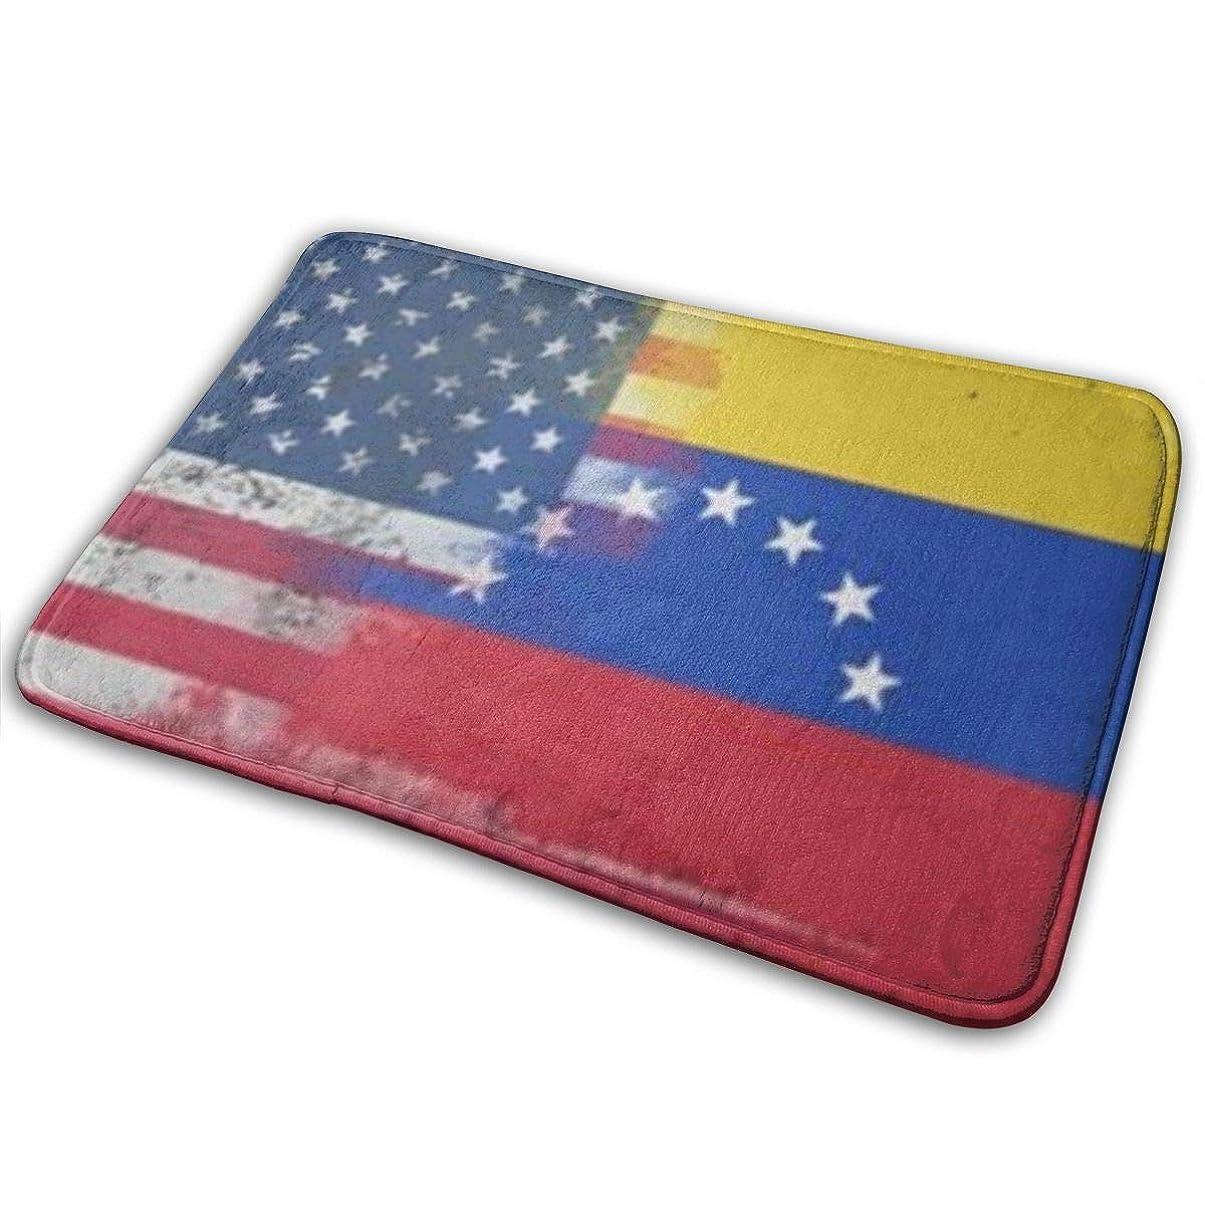 咲く脱走平日アメリカのベネズエラの旗楽しい歓迎玄関パーソナライズされた屋内フロアマットリビングルームの寝室の浴室のドアマット23.6 X 15.8インチ